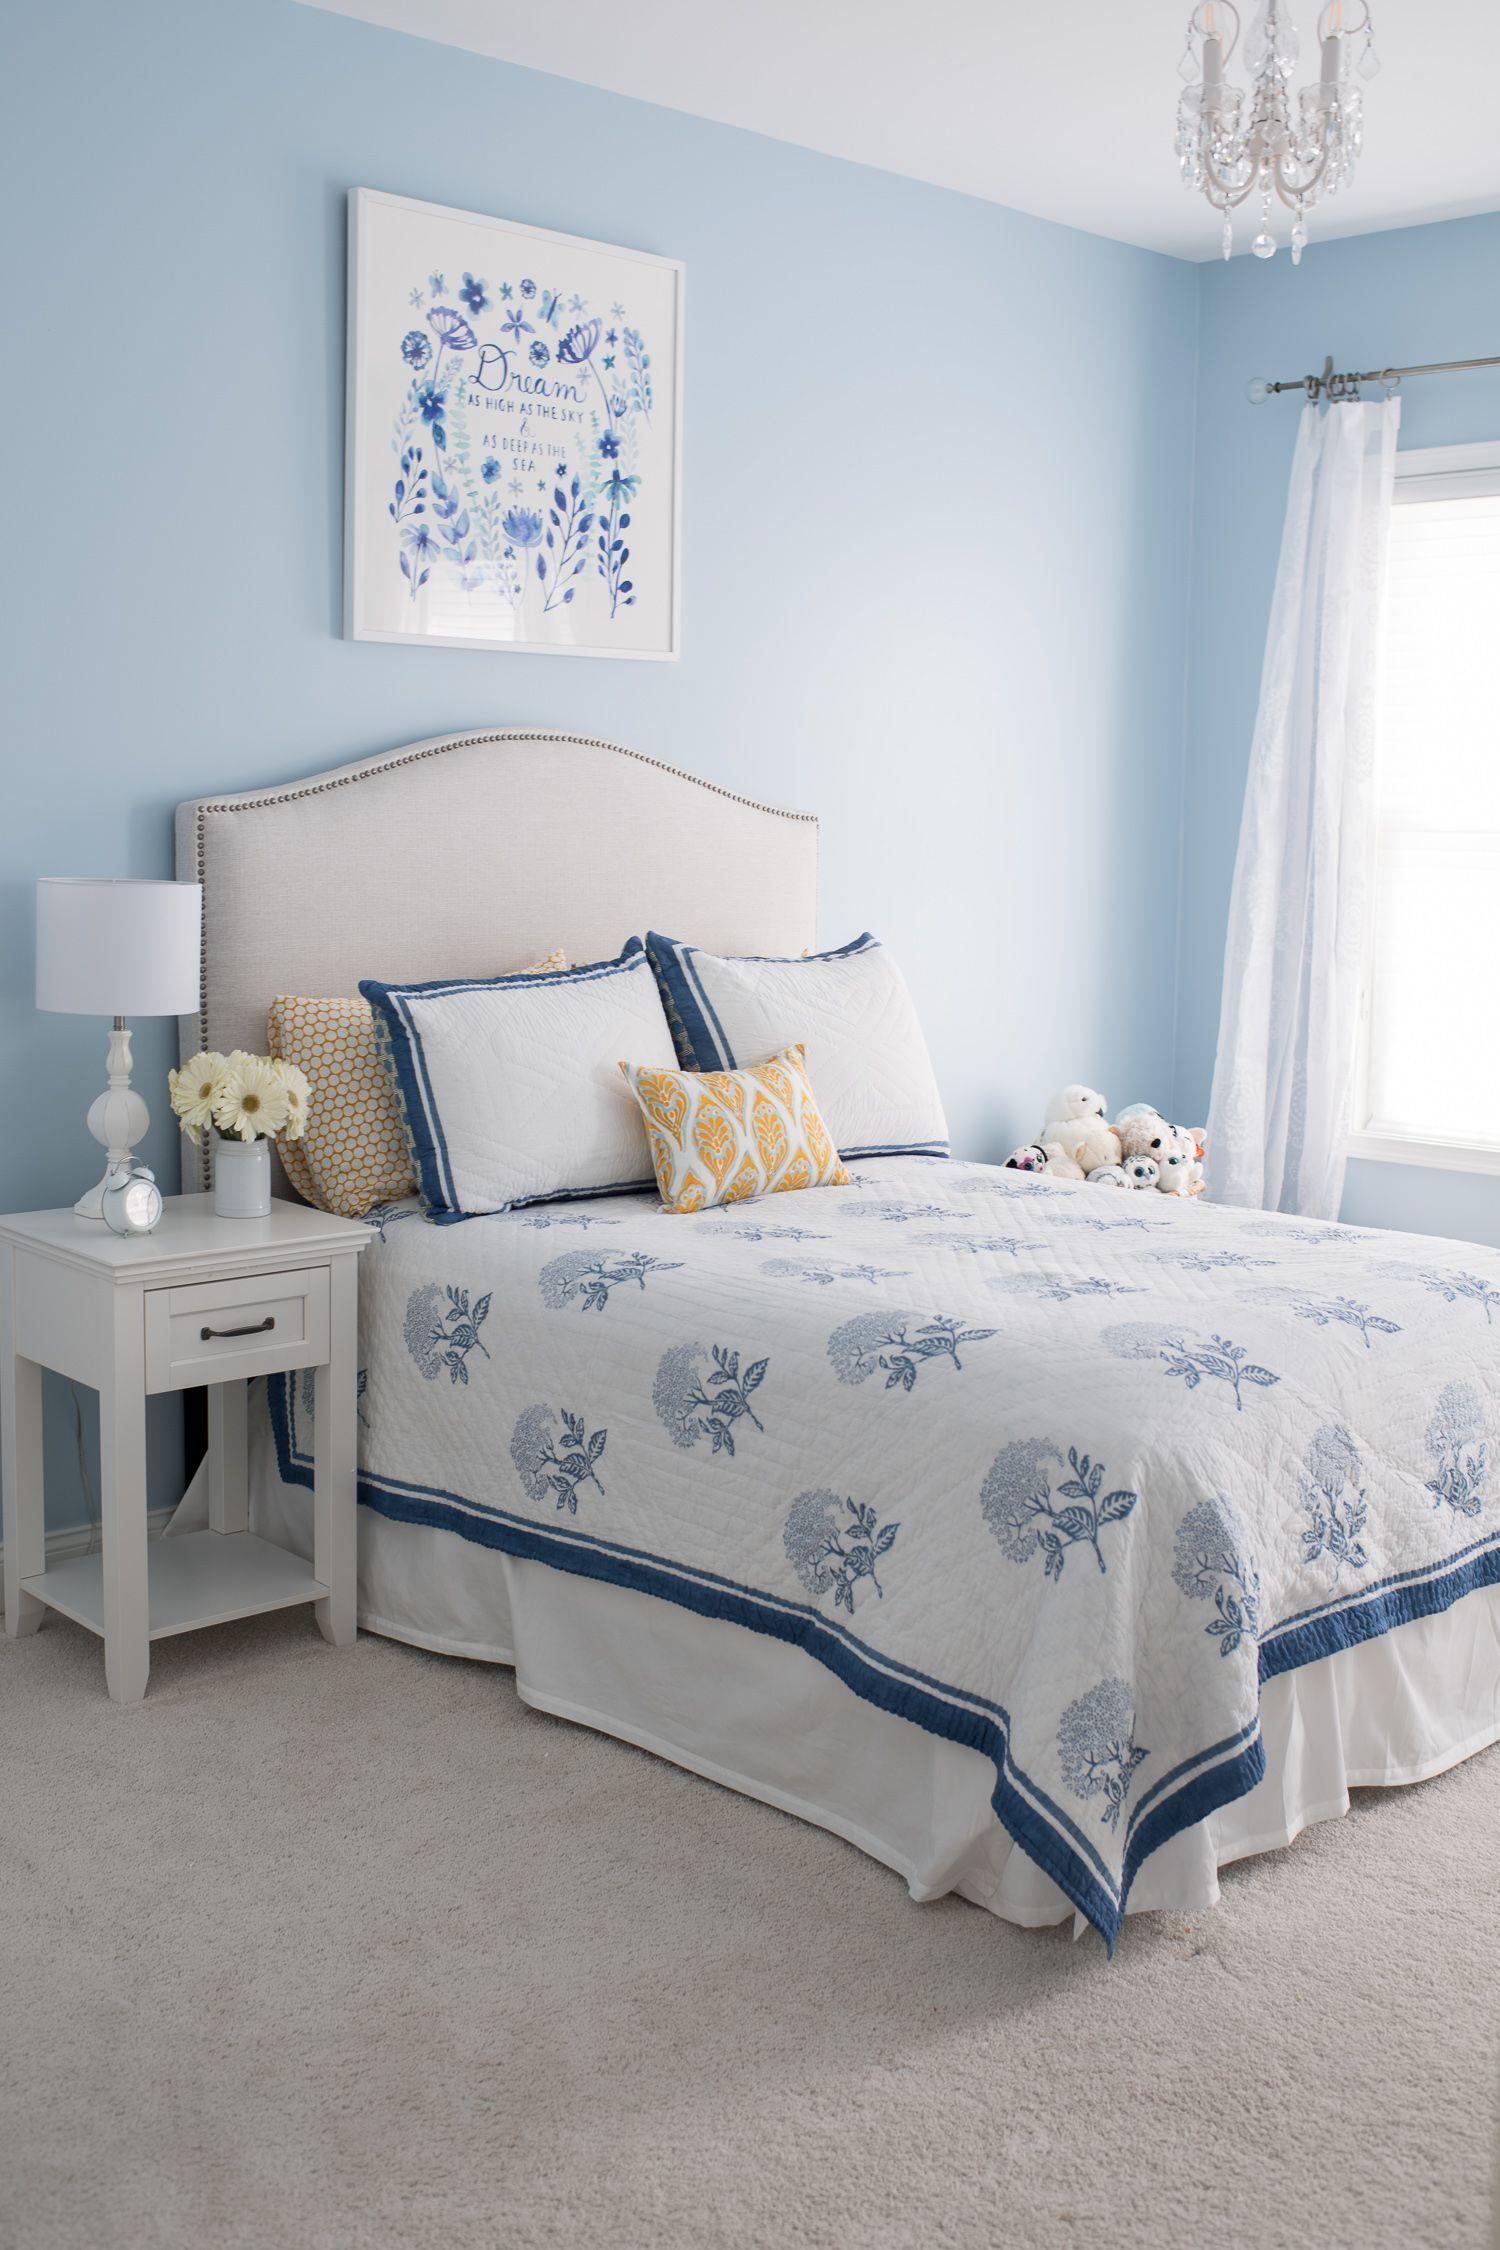 Hạn chế các chi tiết cũng như vật dụng trong phòng ngủ tân cổ điển đơn giản